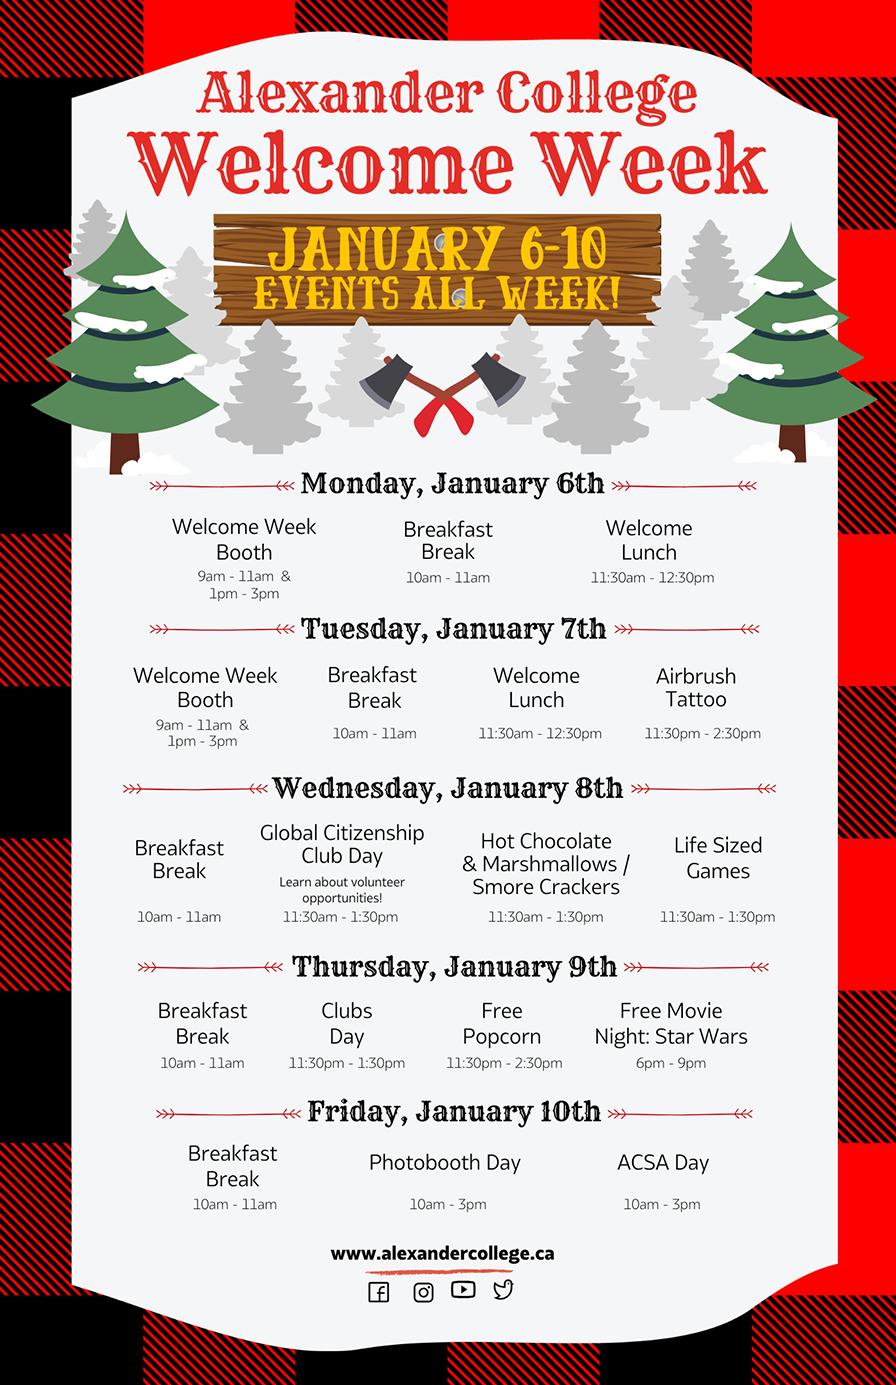 Alexander College winter 2020 Welcome Week schedule